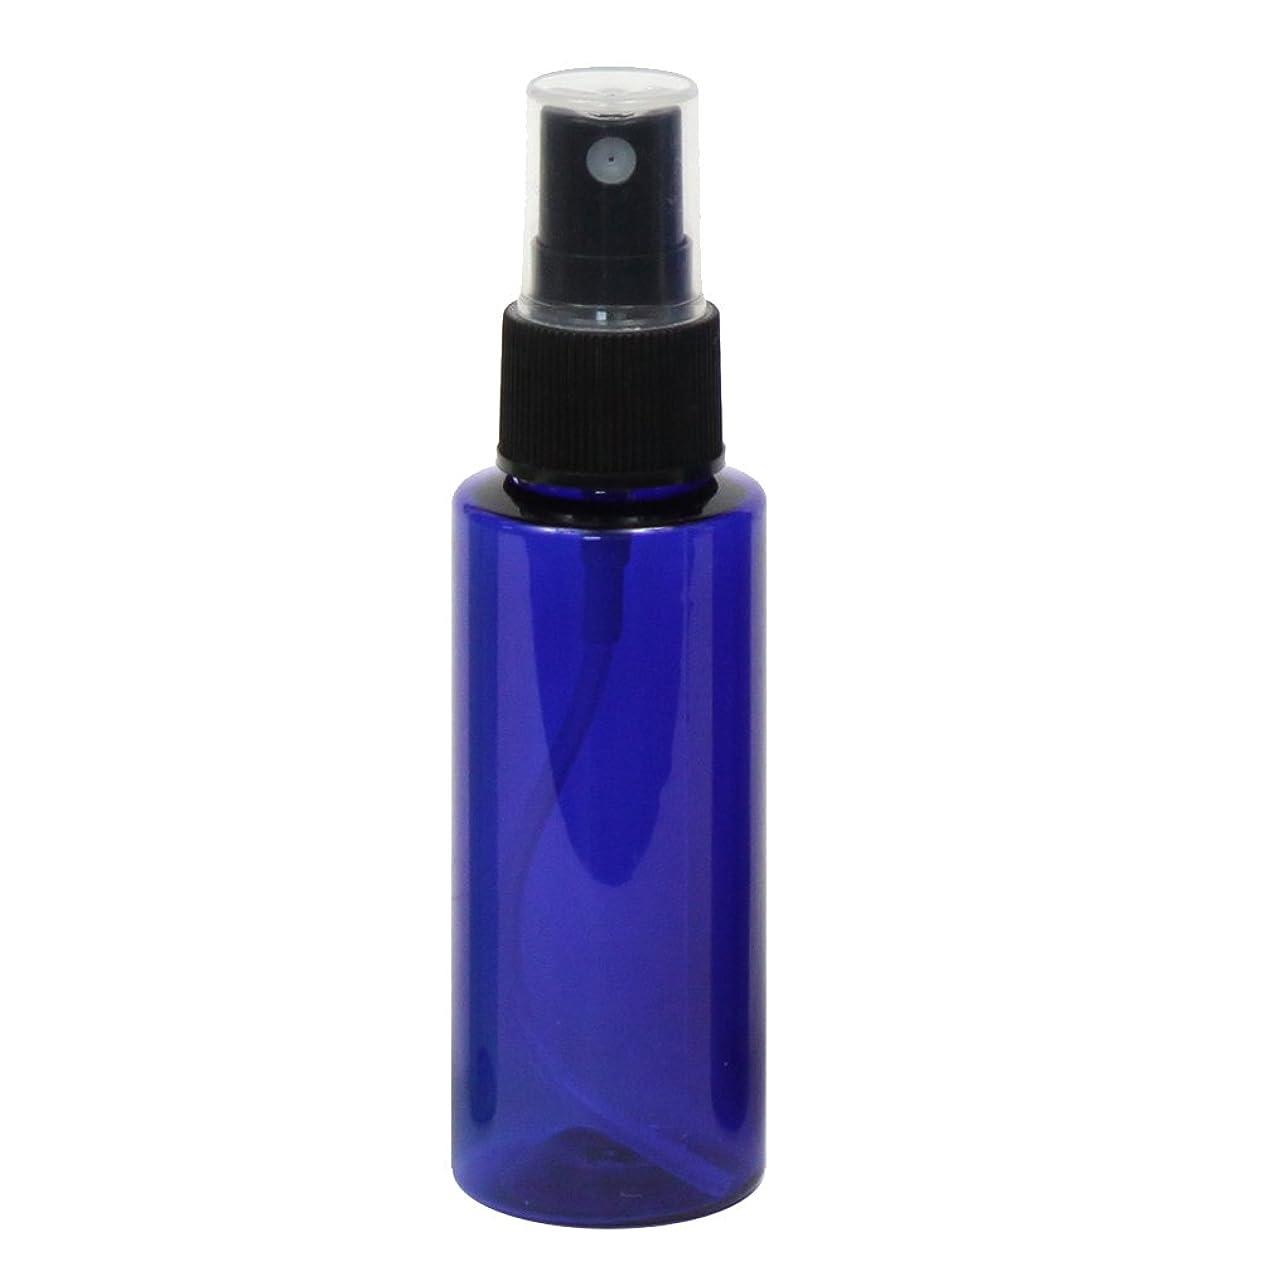 メカニックアルプス暫定スプレーボトル50mLブルー黒ヘッド1本ストレートペットボトル遮光性青色おしゃれ容器bu50sbk1